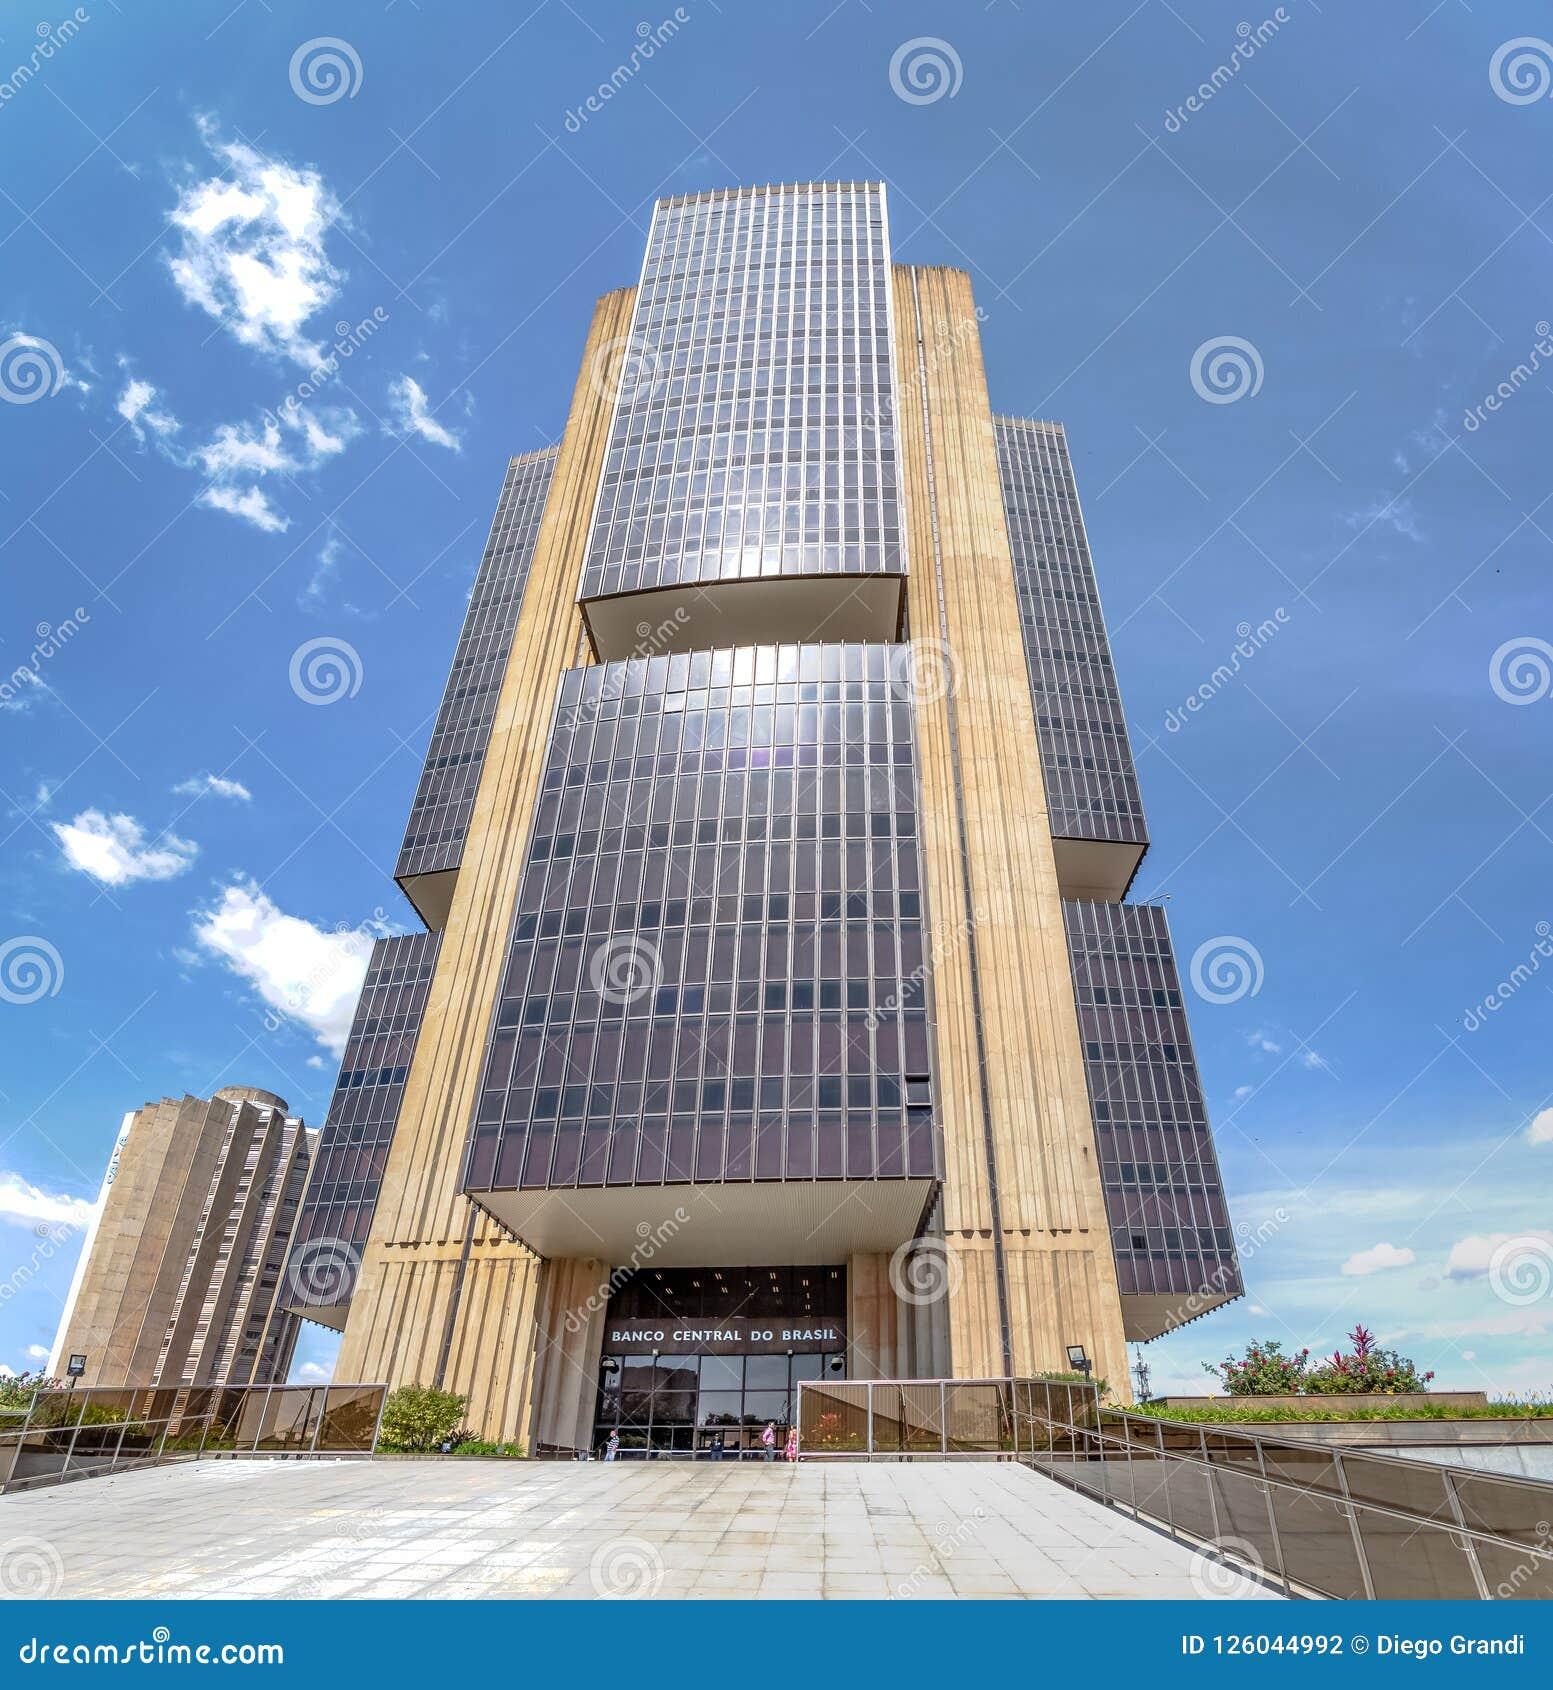 El banco del Brasil central establece jefatura del edificio - Brasilia, Distrito federal, el Brasil